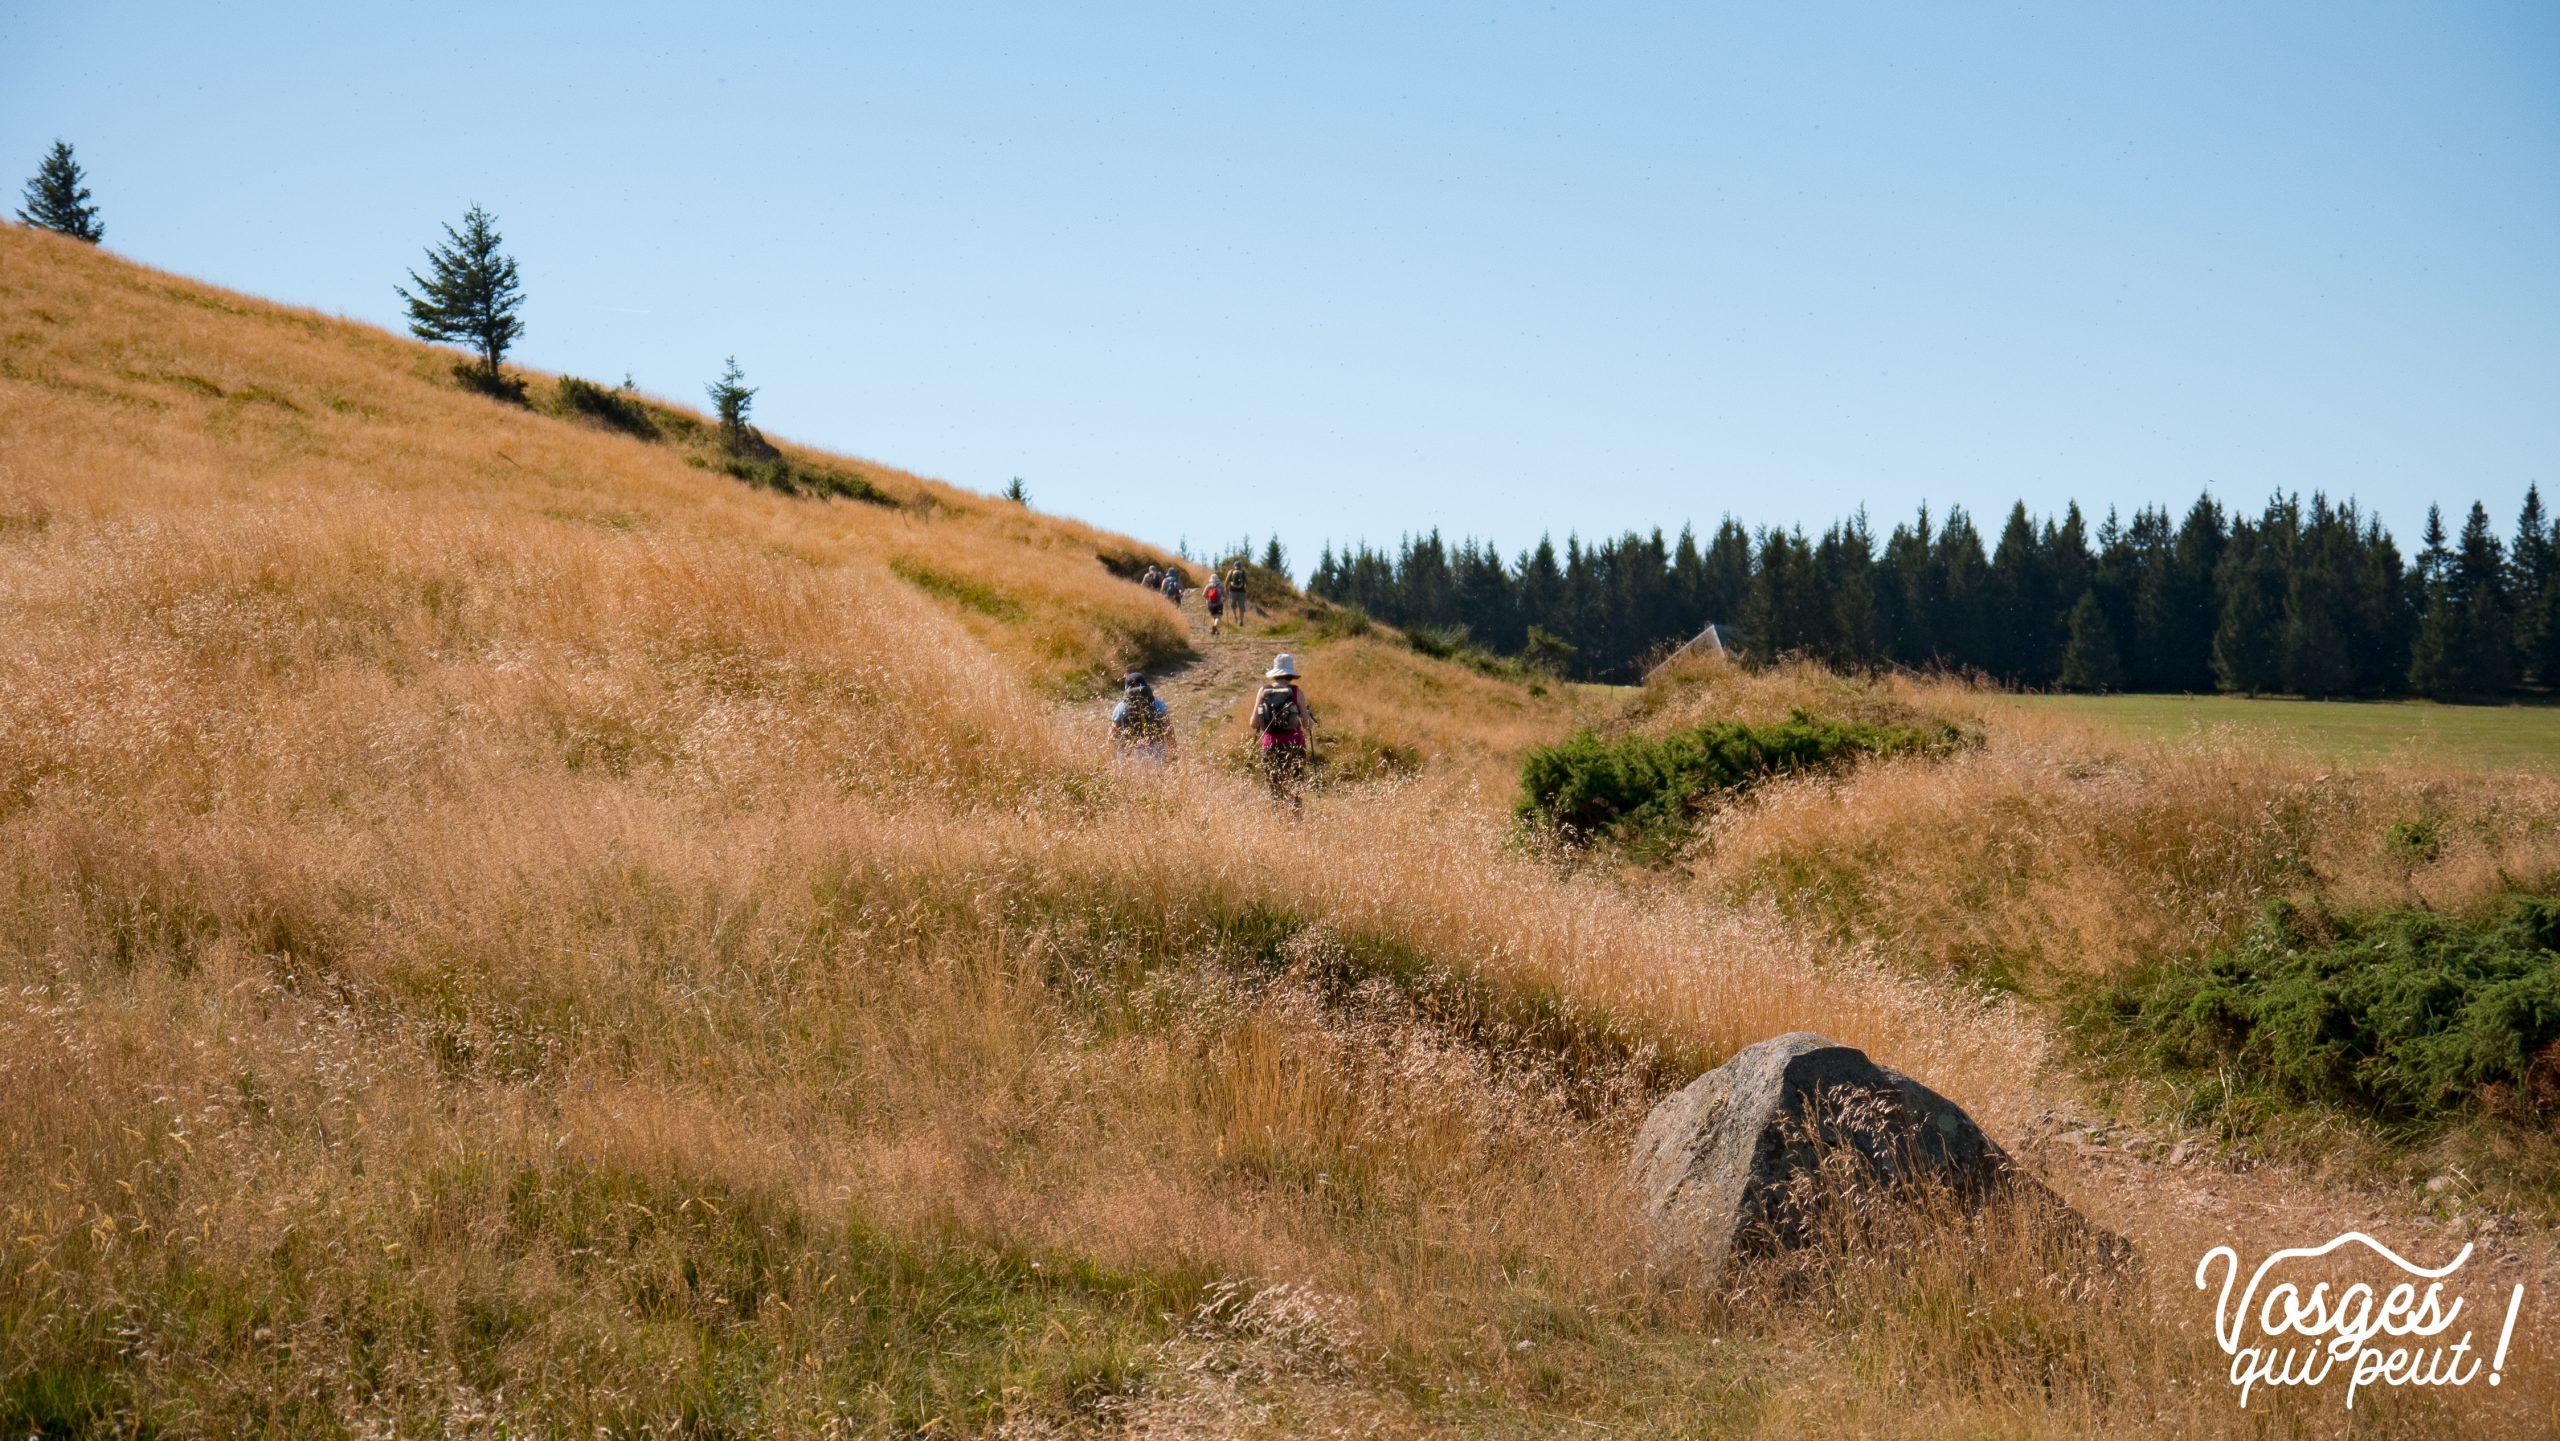 Randonneurs au col du Petit Ballon dans le Massif des Vosges